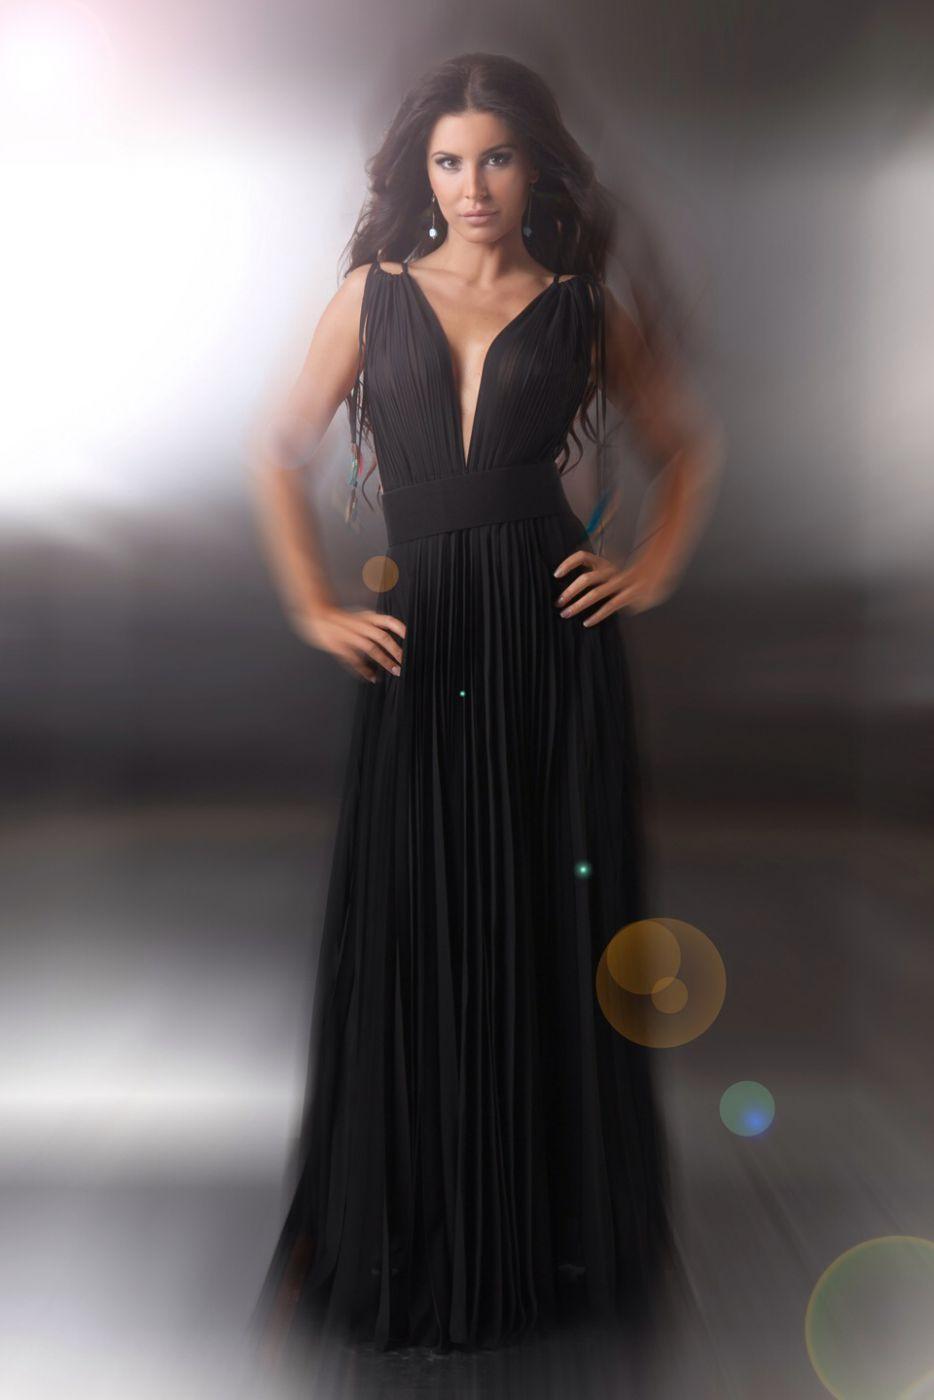 17 Ausgezeichnet Langes Schwarzes Abendkleid BoutiqueAbend Cool Langes Schwarzes Abendkleid Stylish